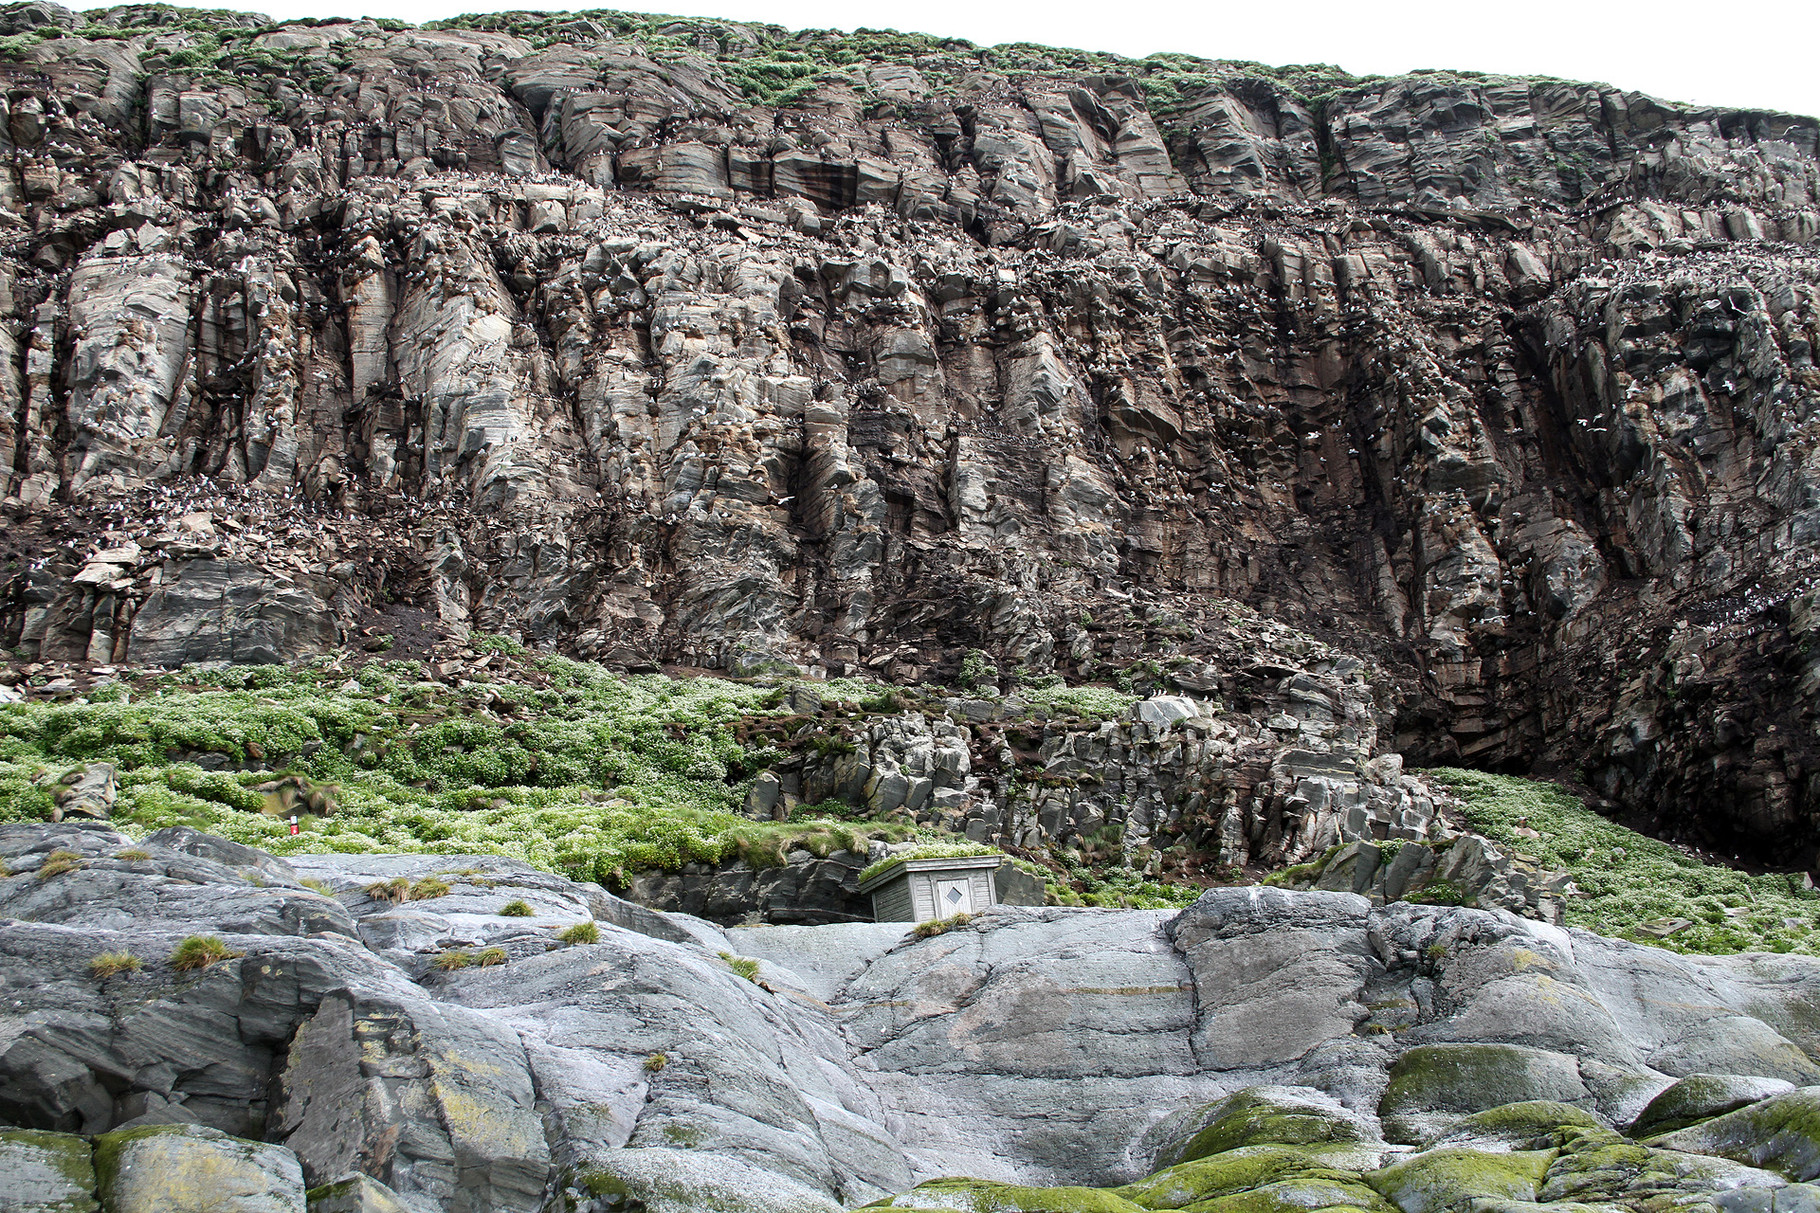 Der Besuch der Vogelinsel Hornoya bei Vardo ist ein eindrückliches Erlebnis